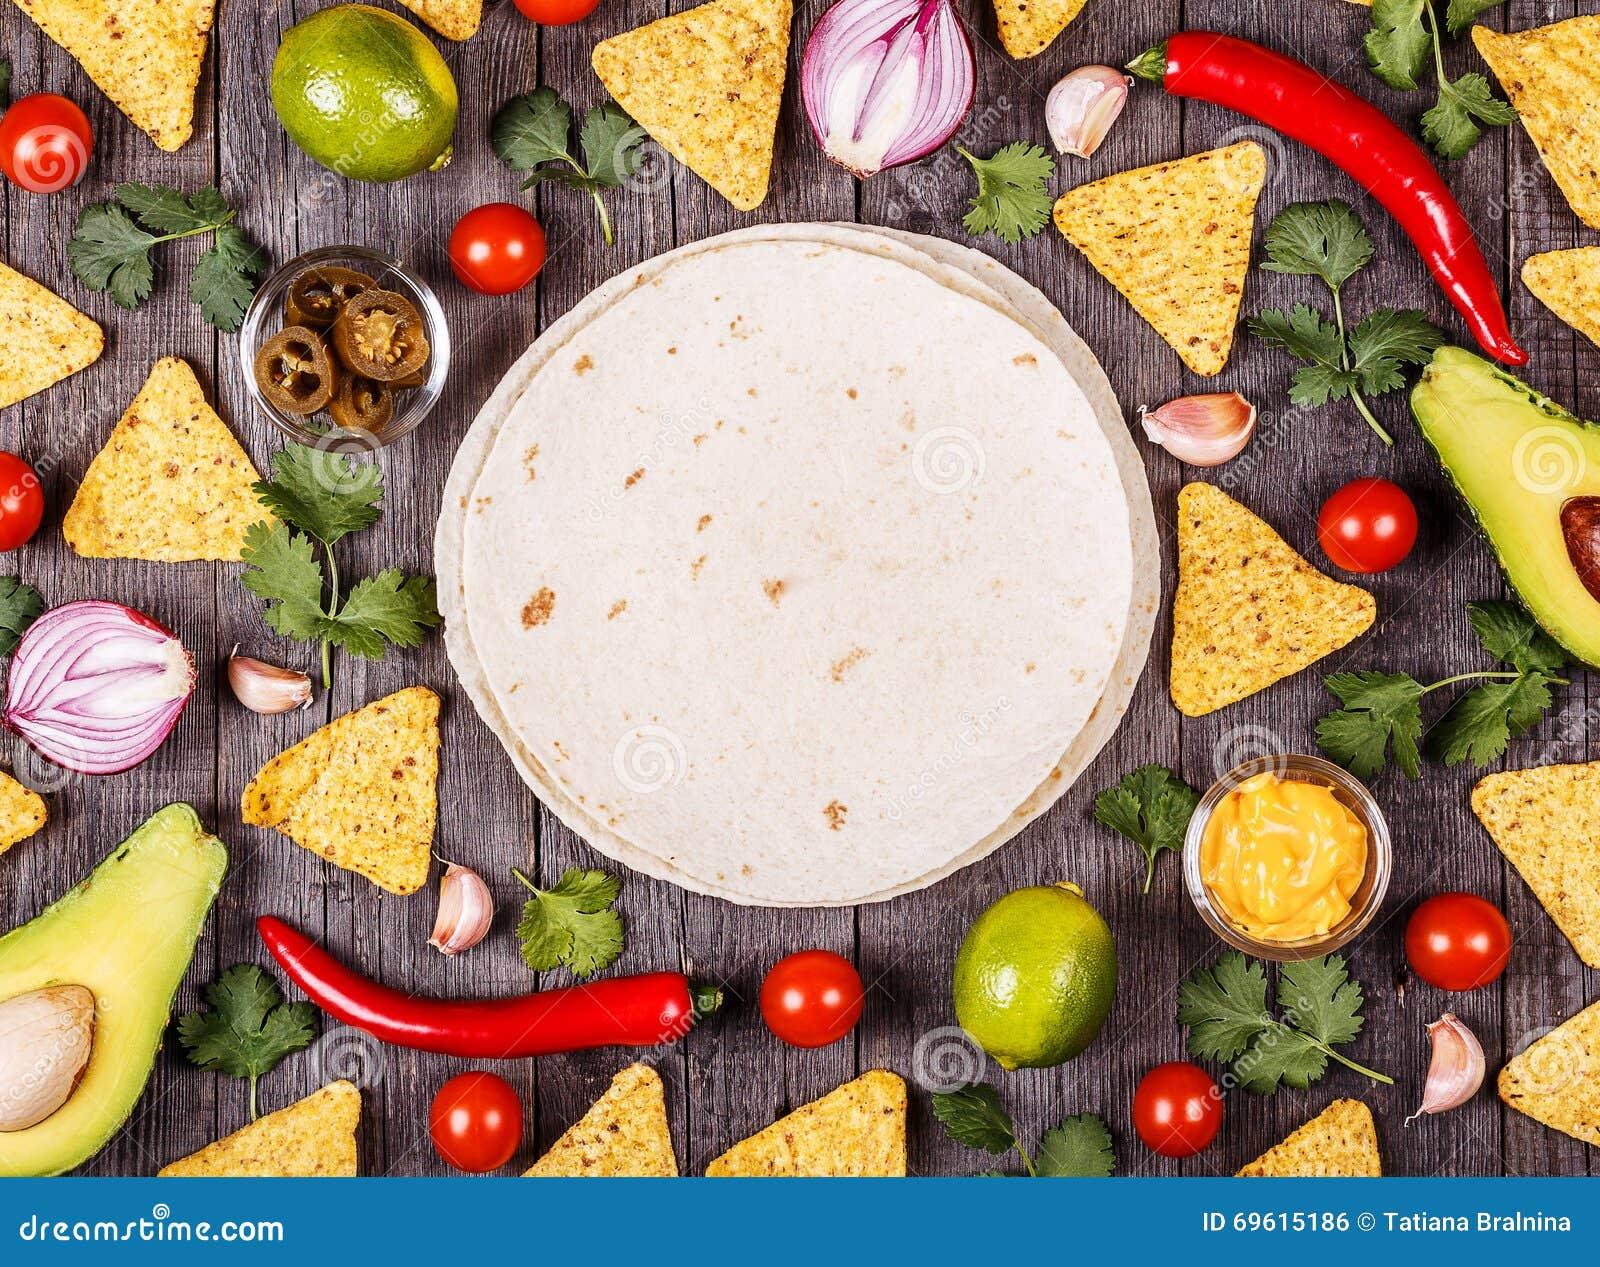 Fondo De Comida Mexicana: Concepto De Comida Mexicana, Fondo De La Comida Foto De